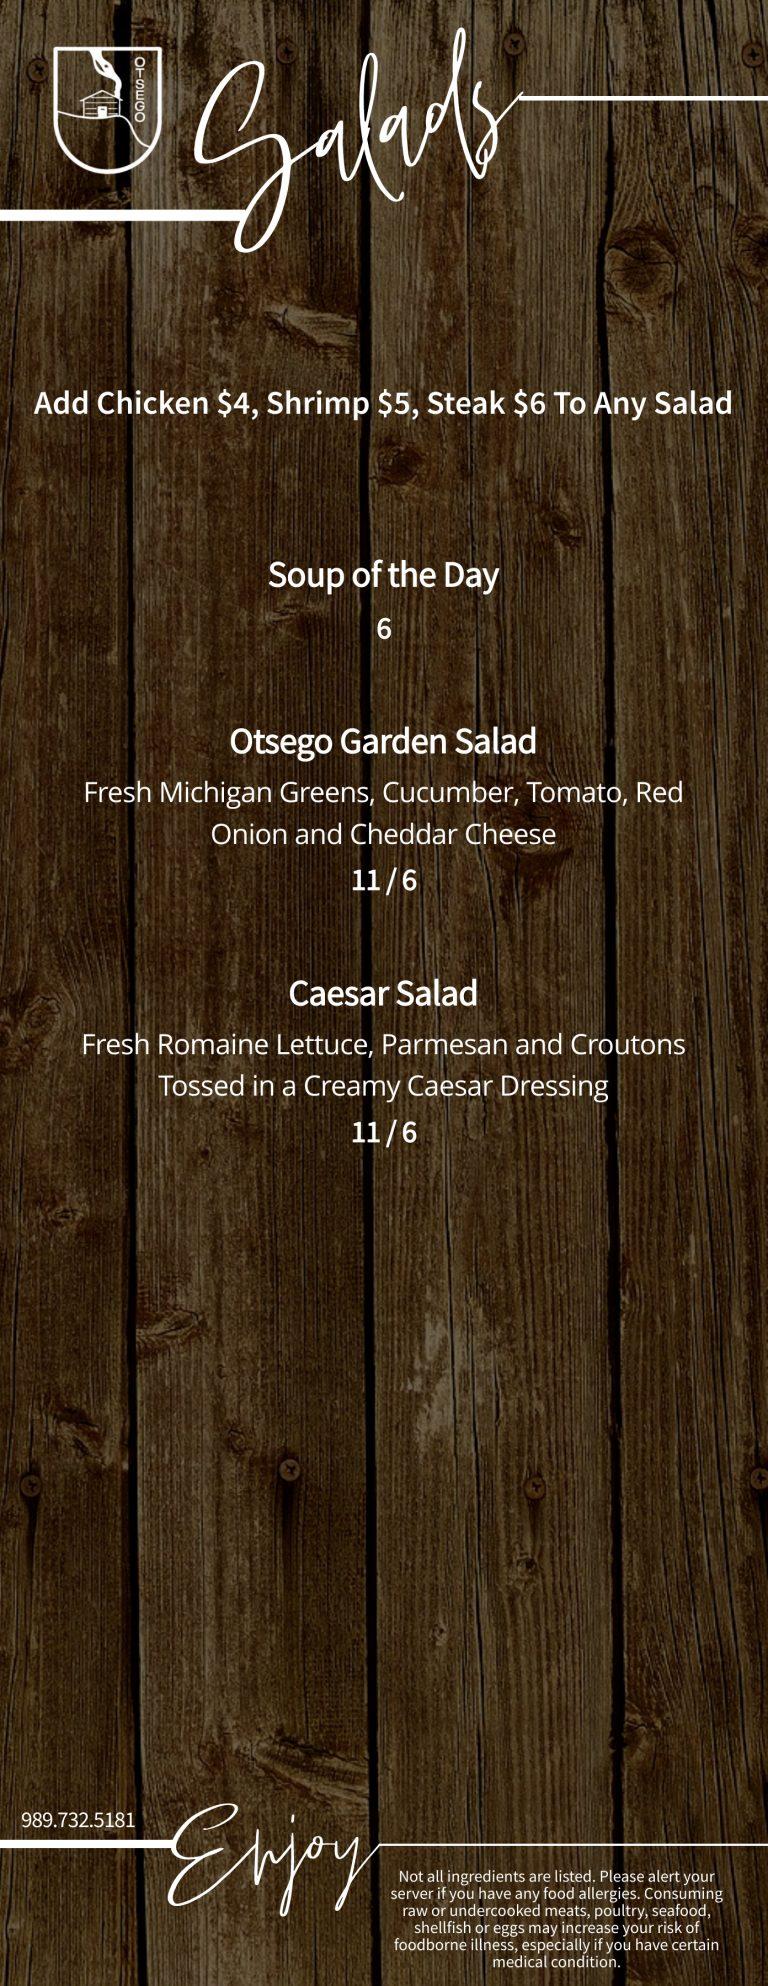 Duck Blind Grille Salad Menu